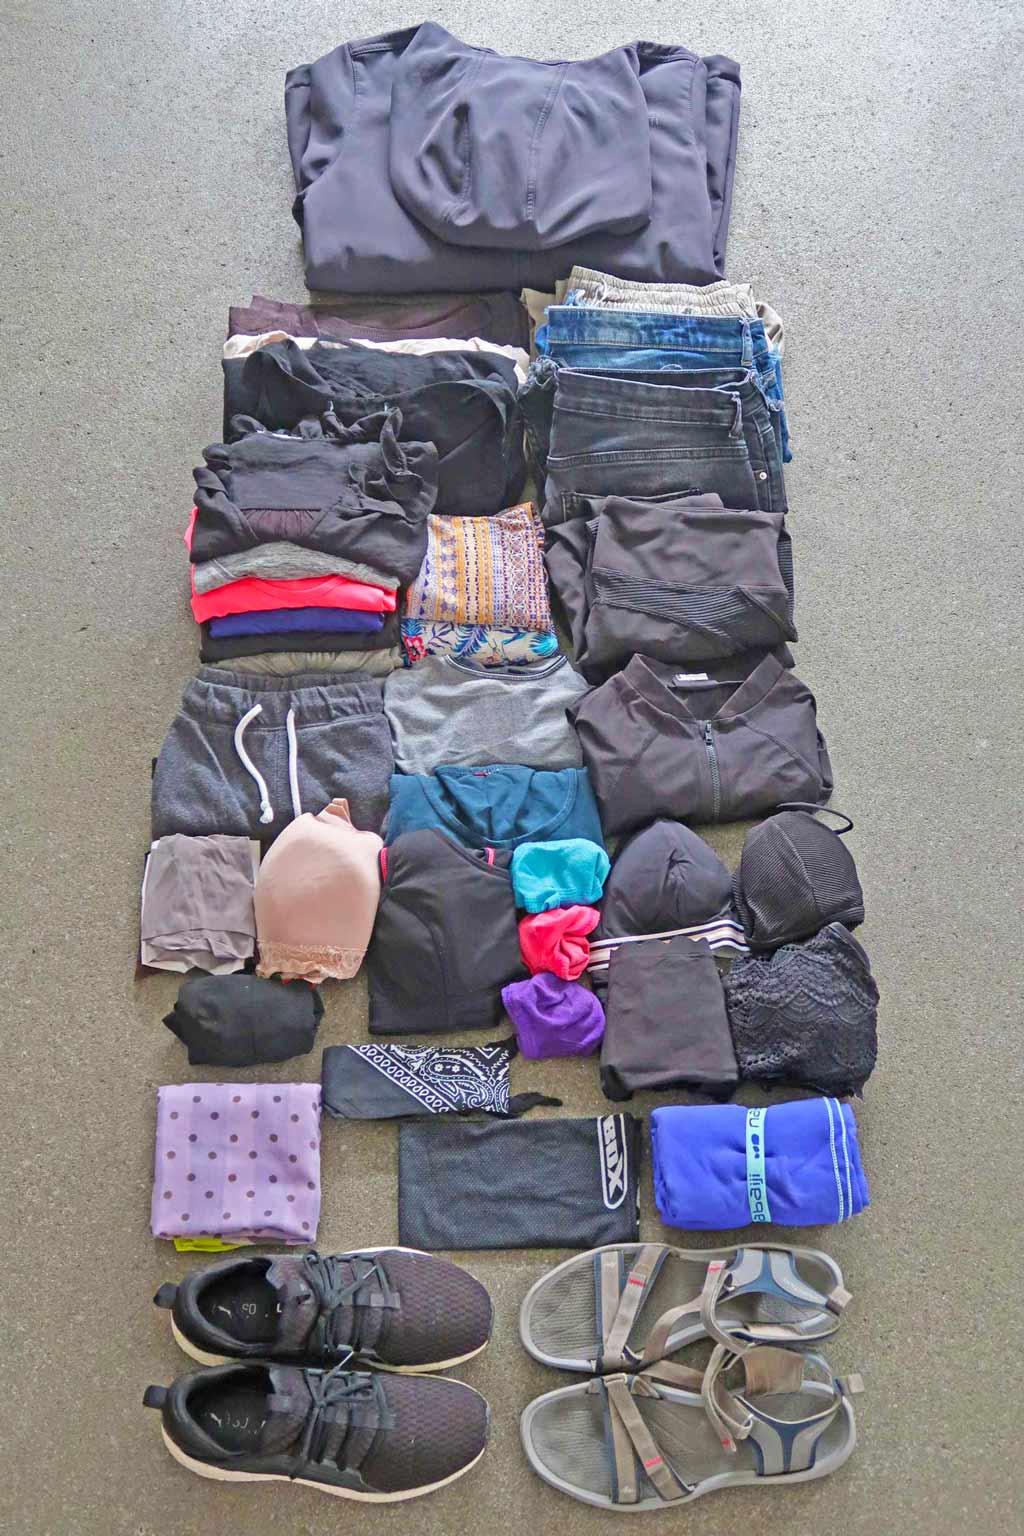 Kleidung für eine Weltreise - Packliste likeontravel